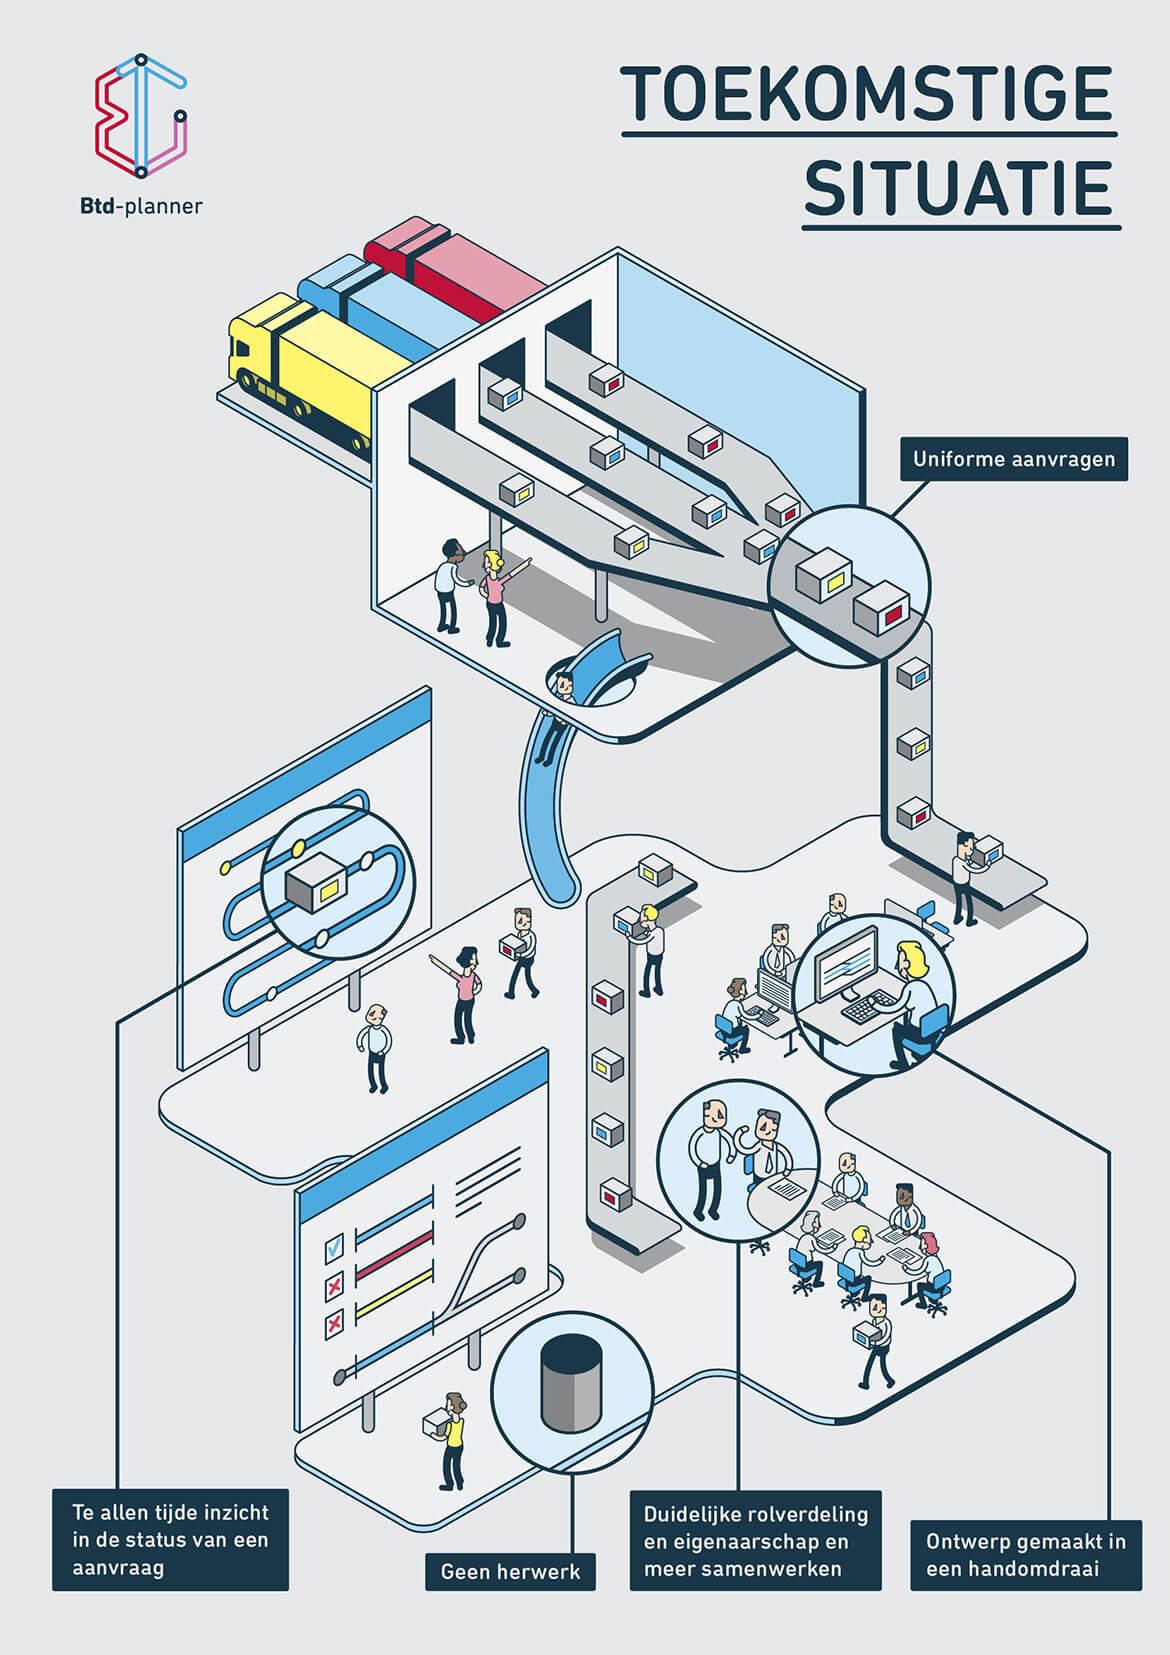 Infographic_BTDplanner_Toekomstige-situatie